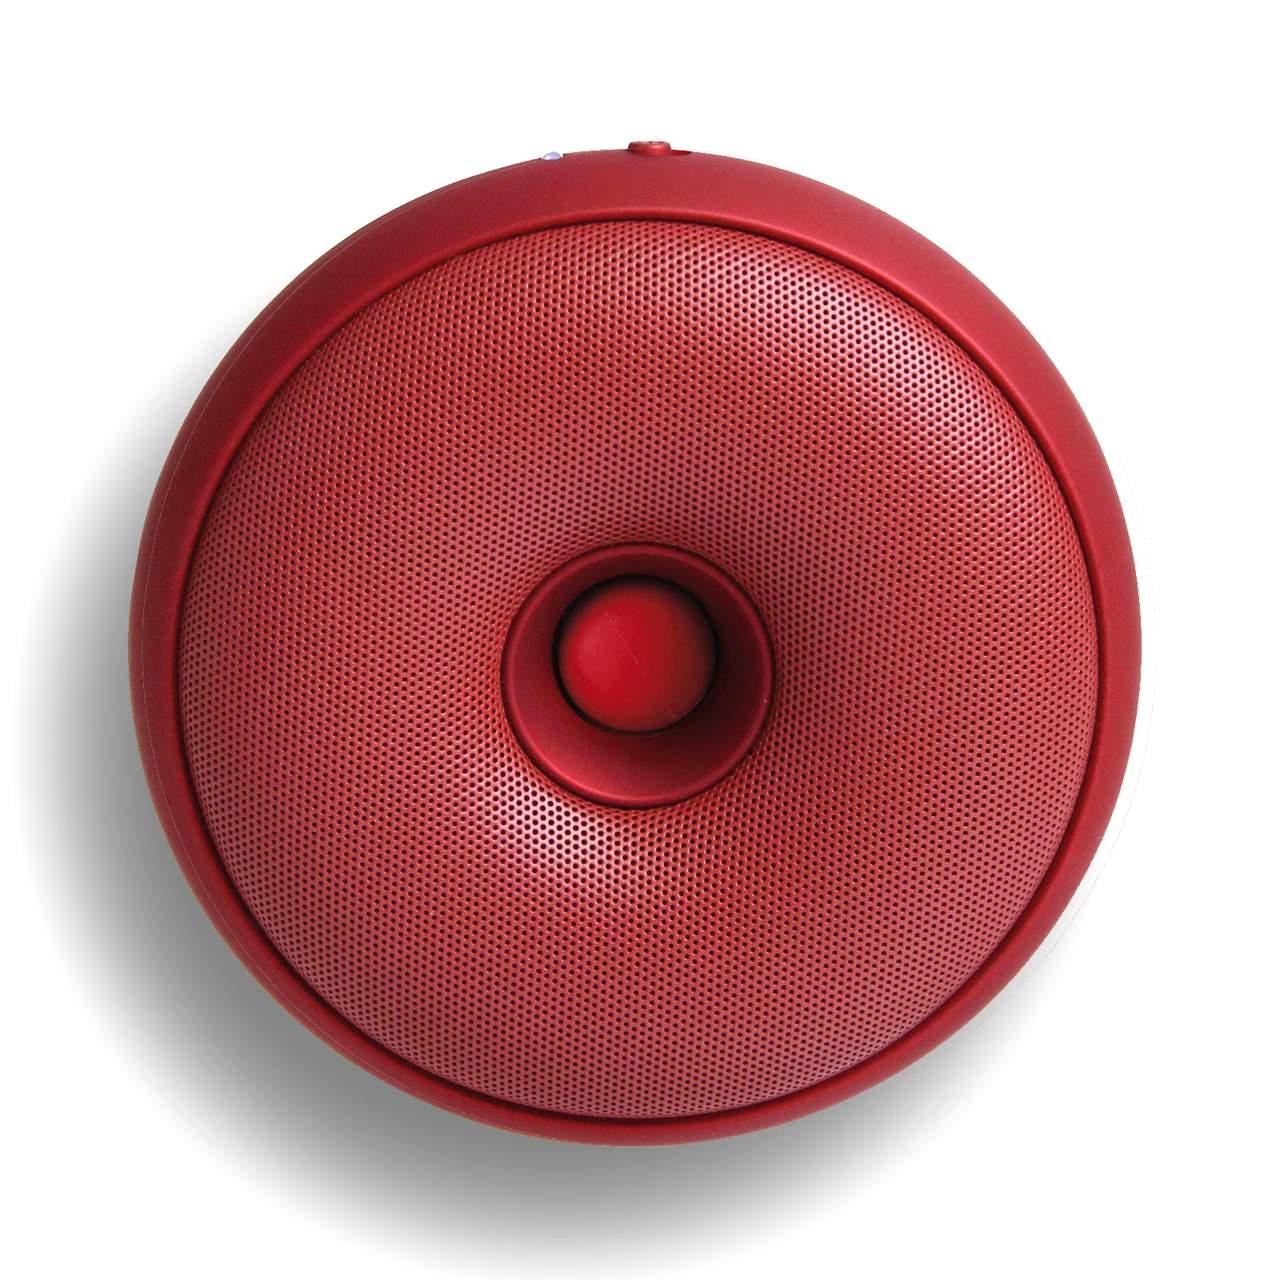 LEXON Hoop Speaker LA95 Metallic Red | The Design Gift Shop